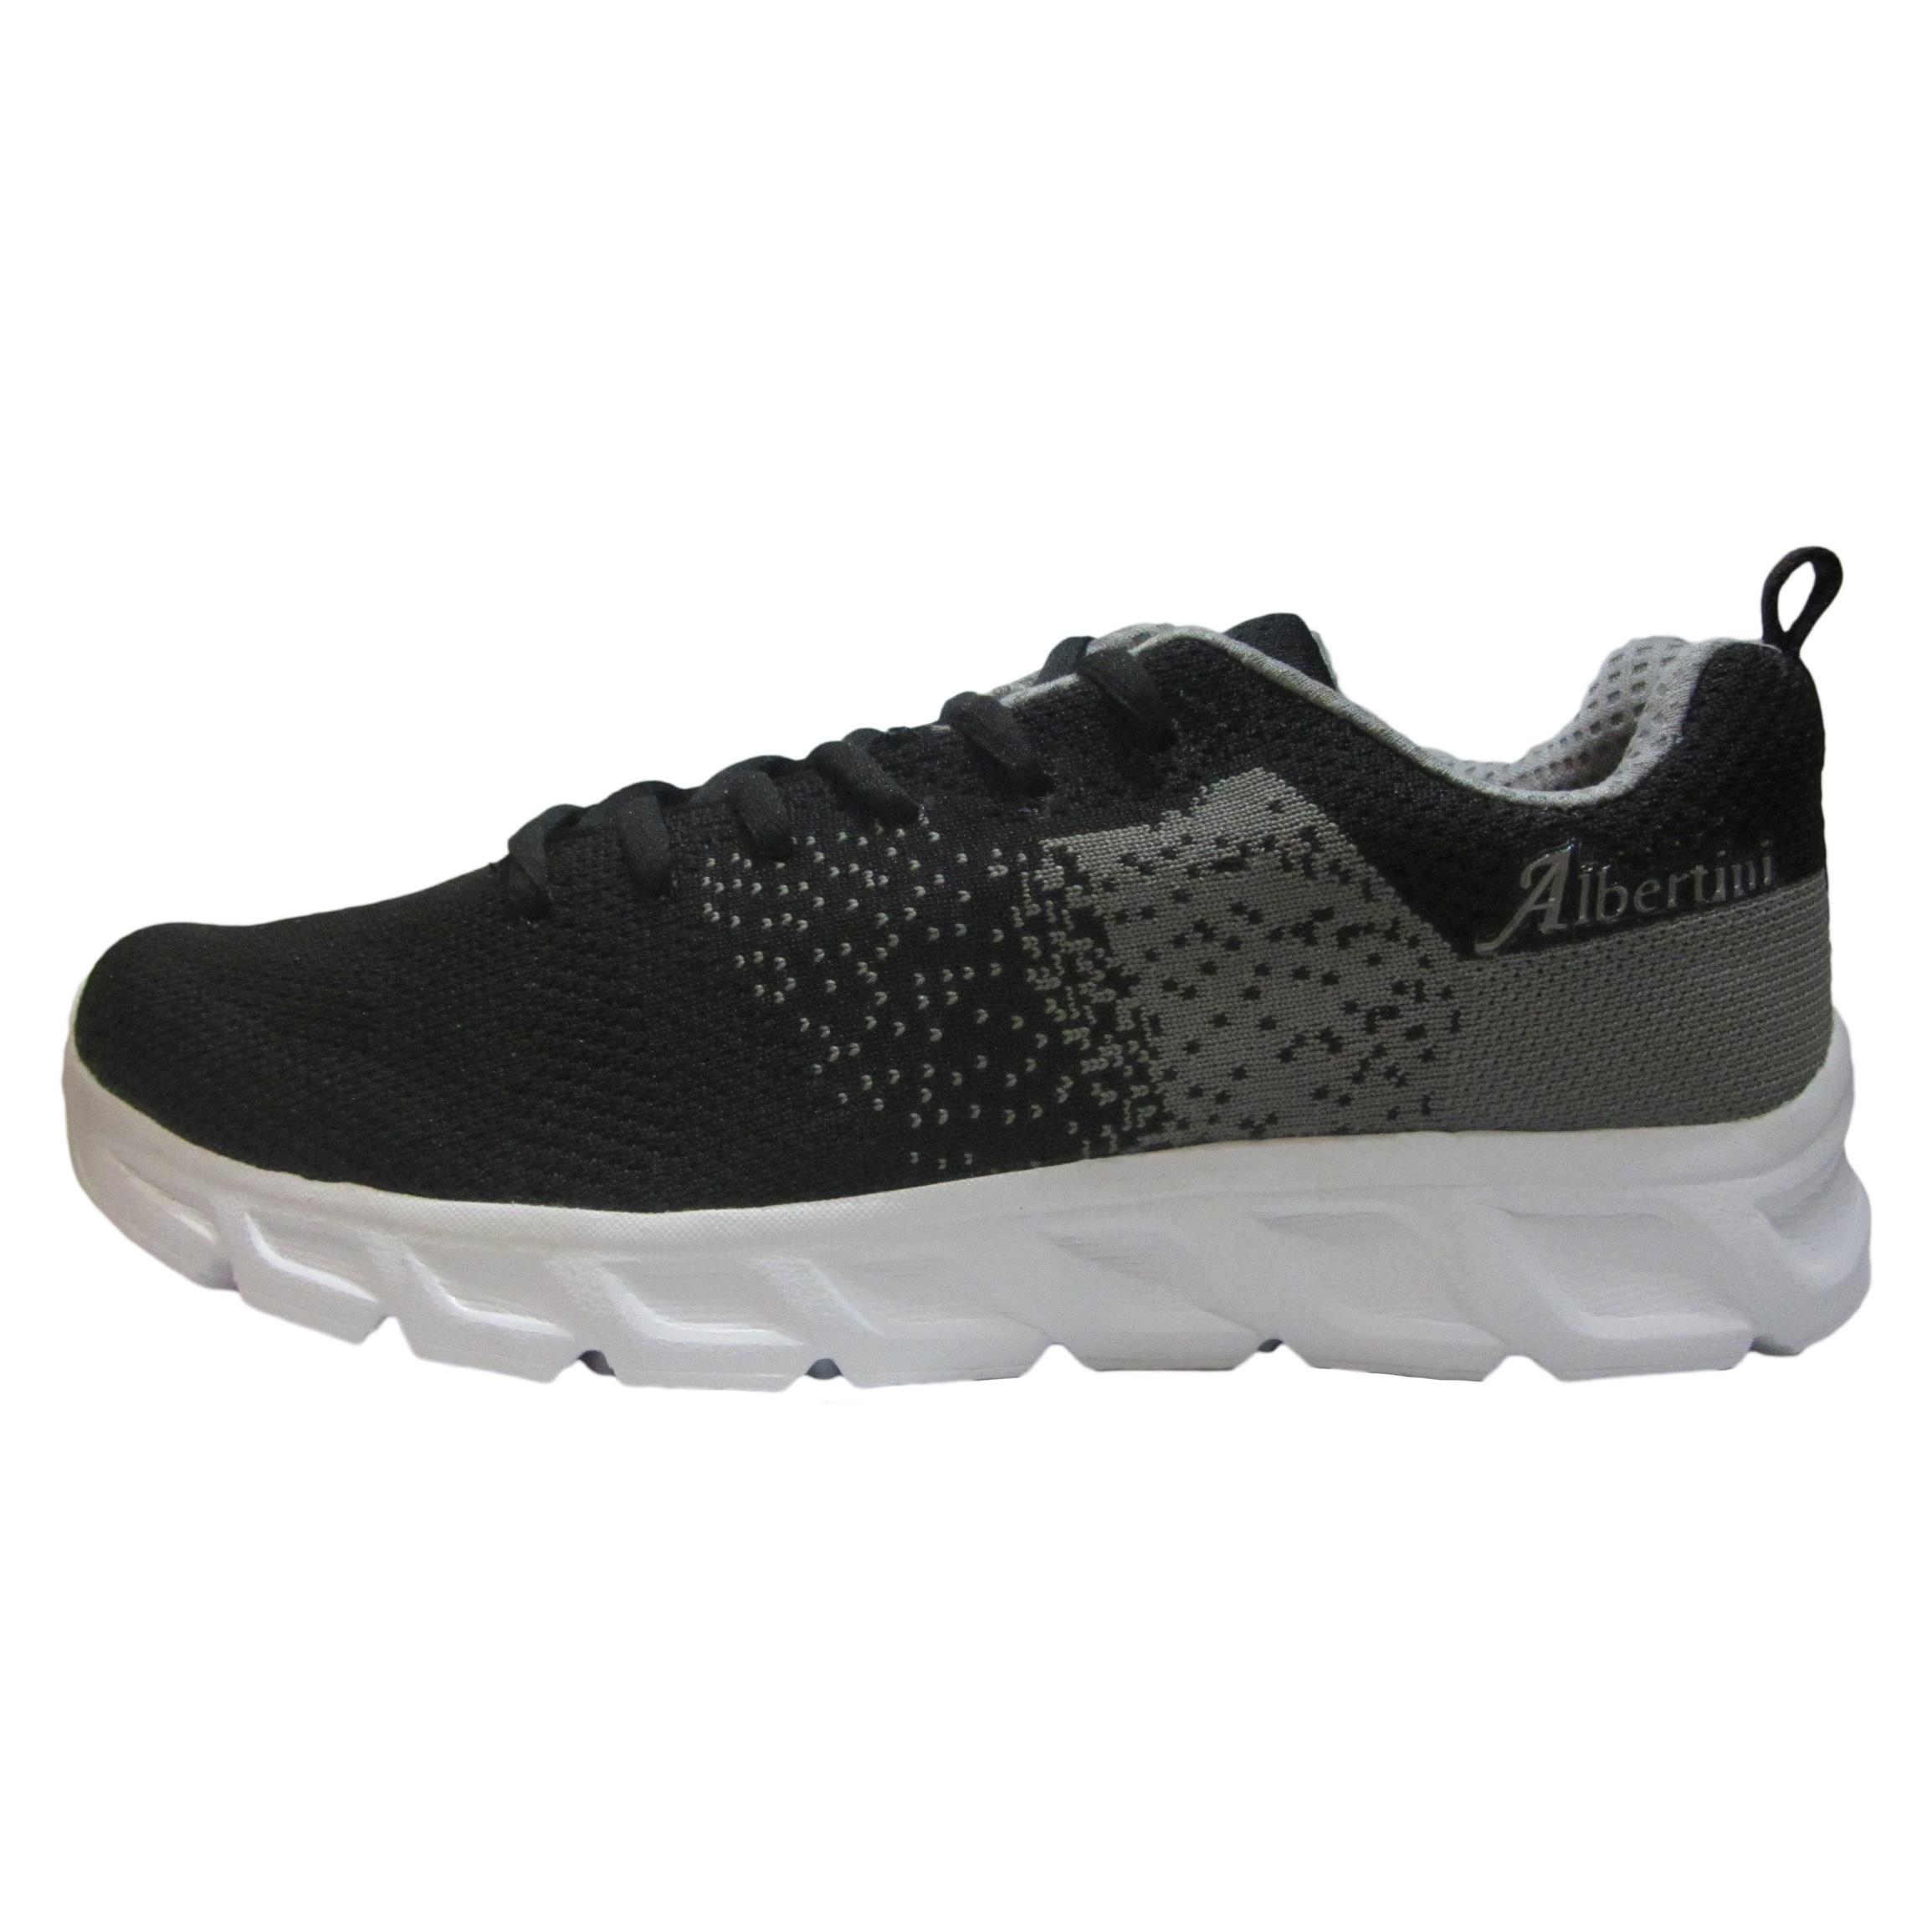 کفش مخصوص پیاده روی زنانه آلبرتینی مدل ستایش کد 04